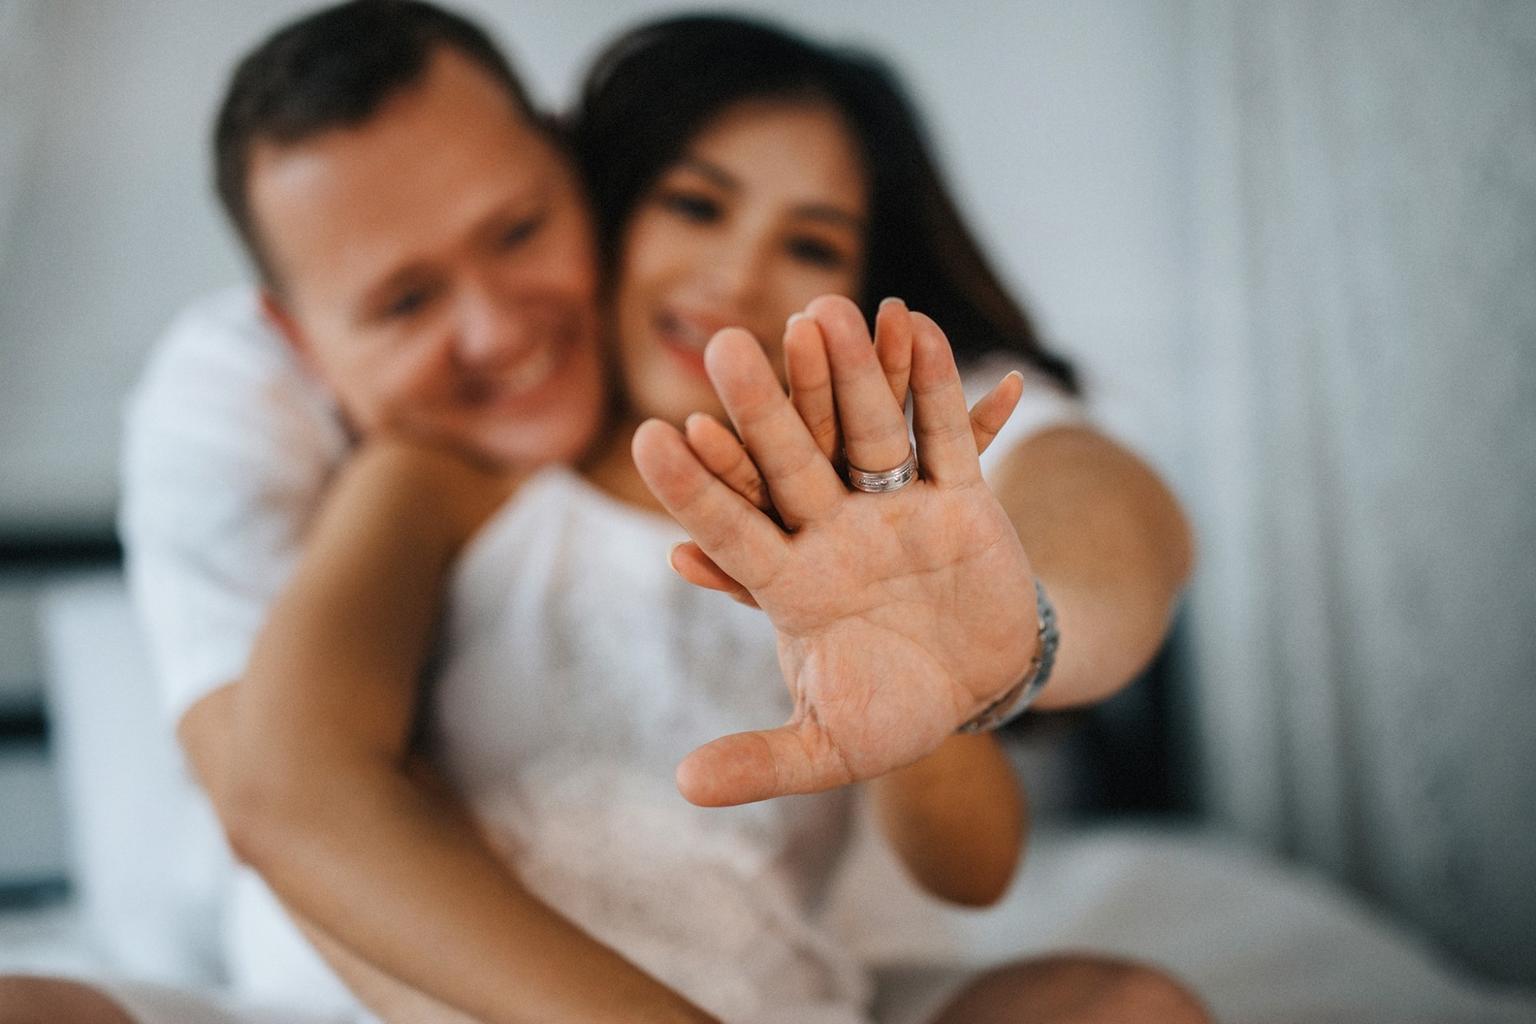 Khi còn trẻ cứ làm những điều này cho chồng con, về già đàn bà sẽ day dứt tiếc nuối mãi không thôi - Ảnh 3